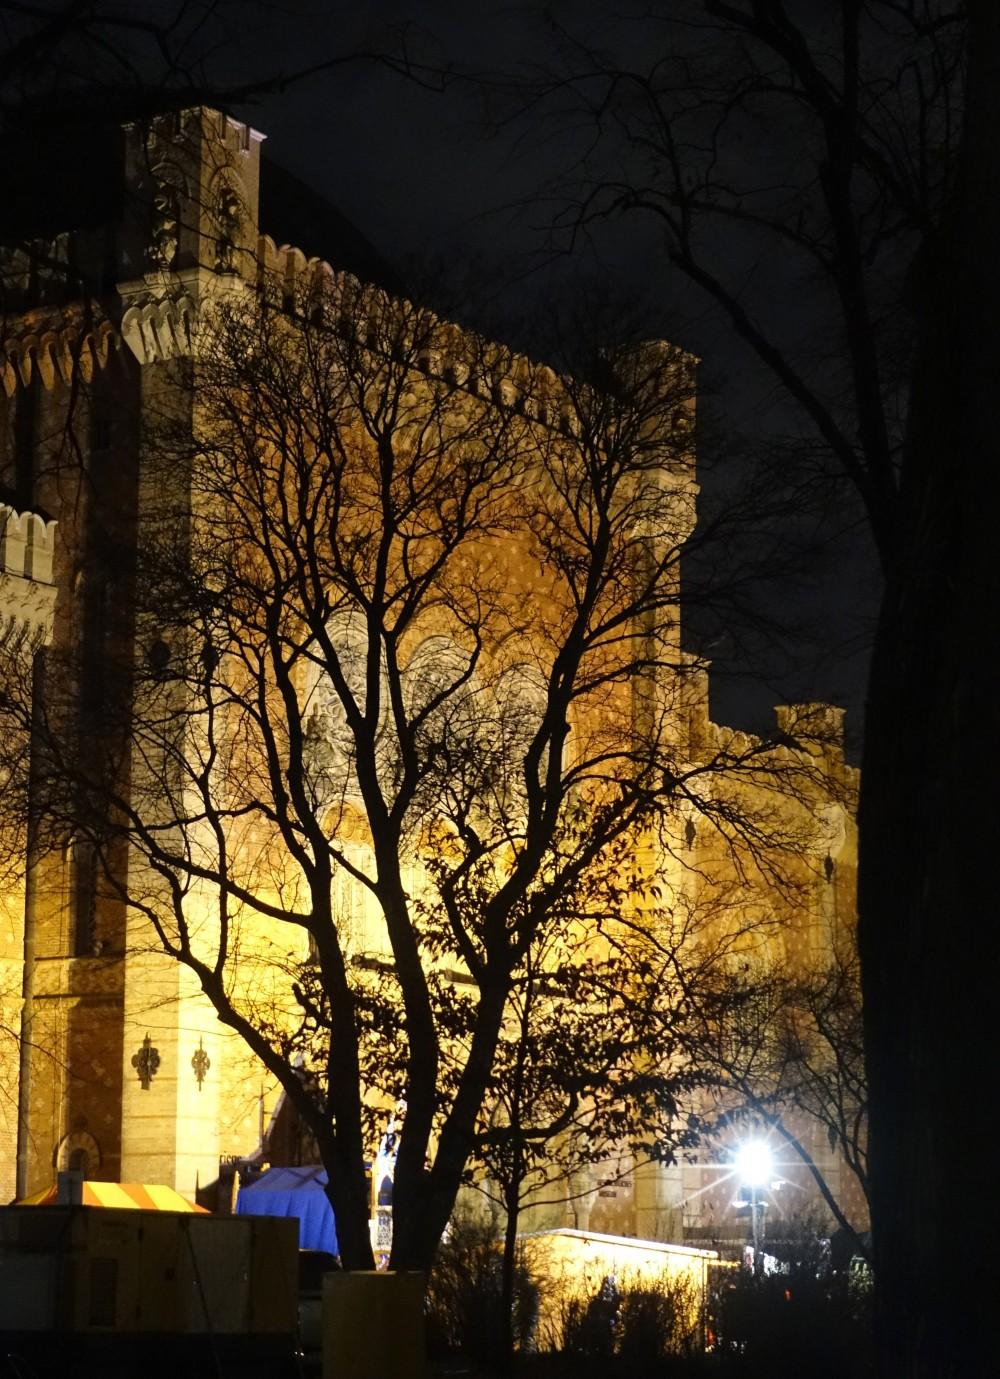 Adventmarkt, Mittelalter, mittelalterlich, Weihnachtsmarkt, Arsenal, Wien, HGM, Heeresgeschichtliches Museum, kulinarische Zeitreise, Touristentipp